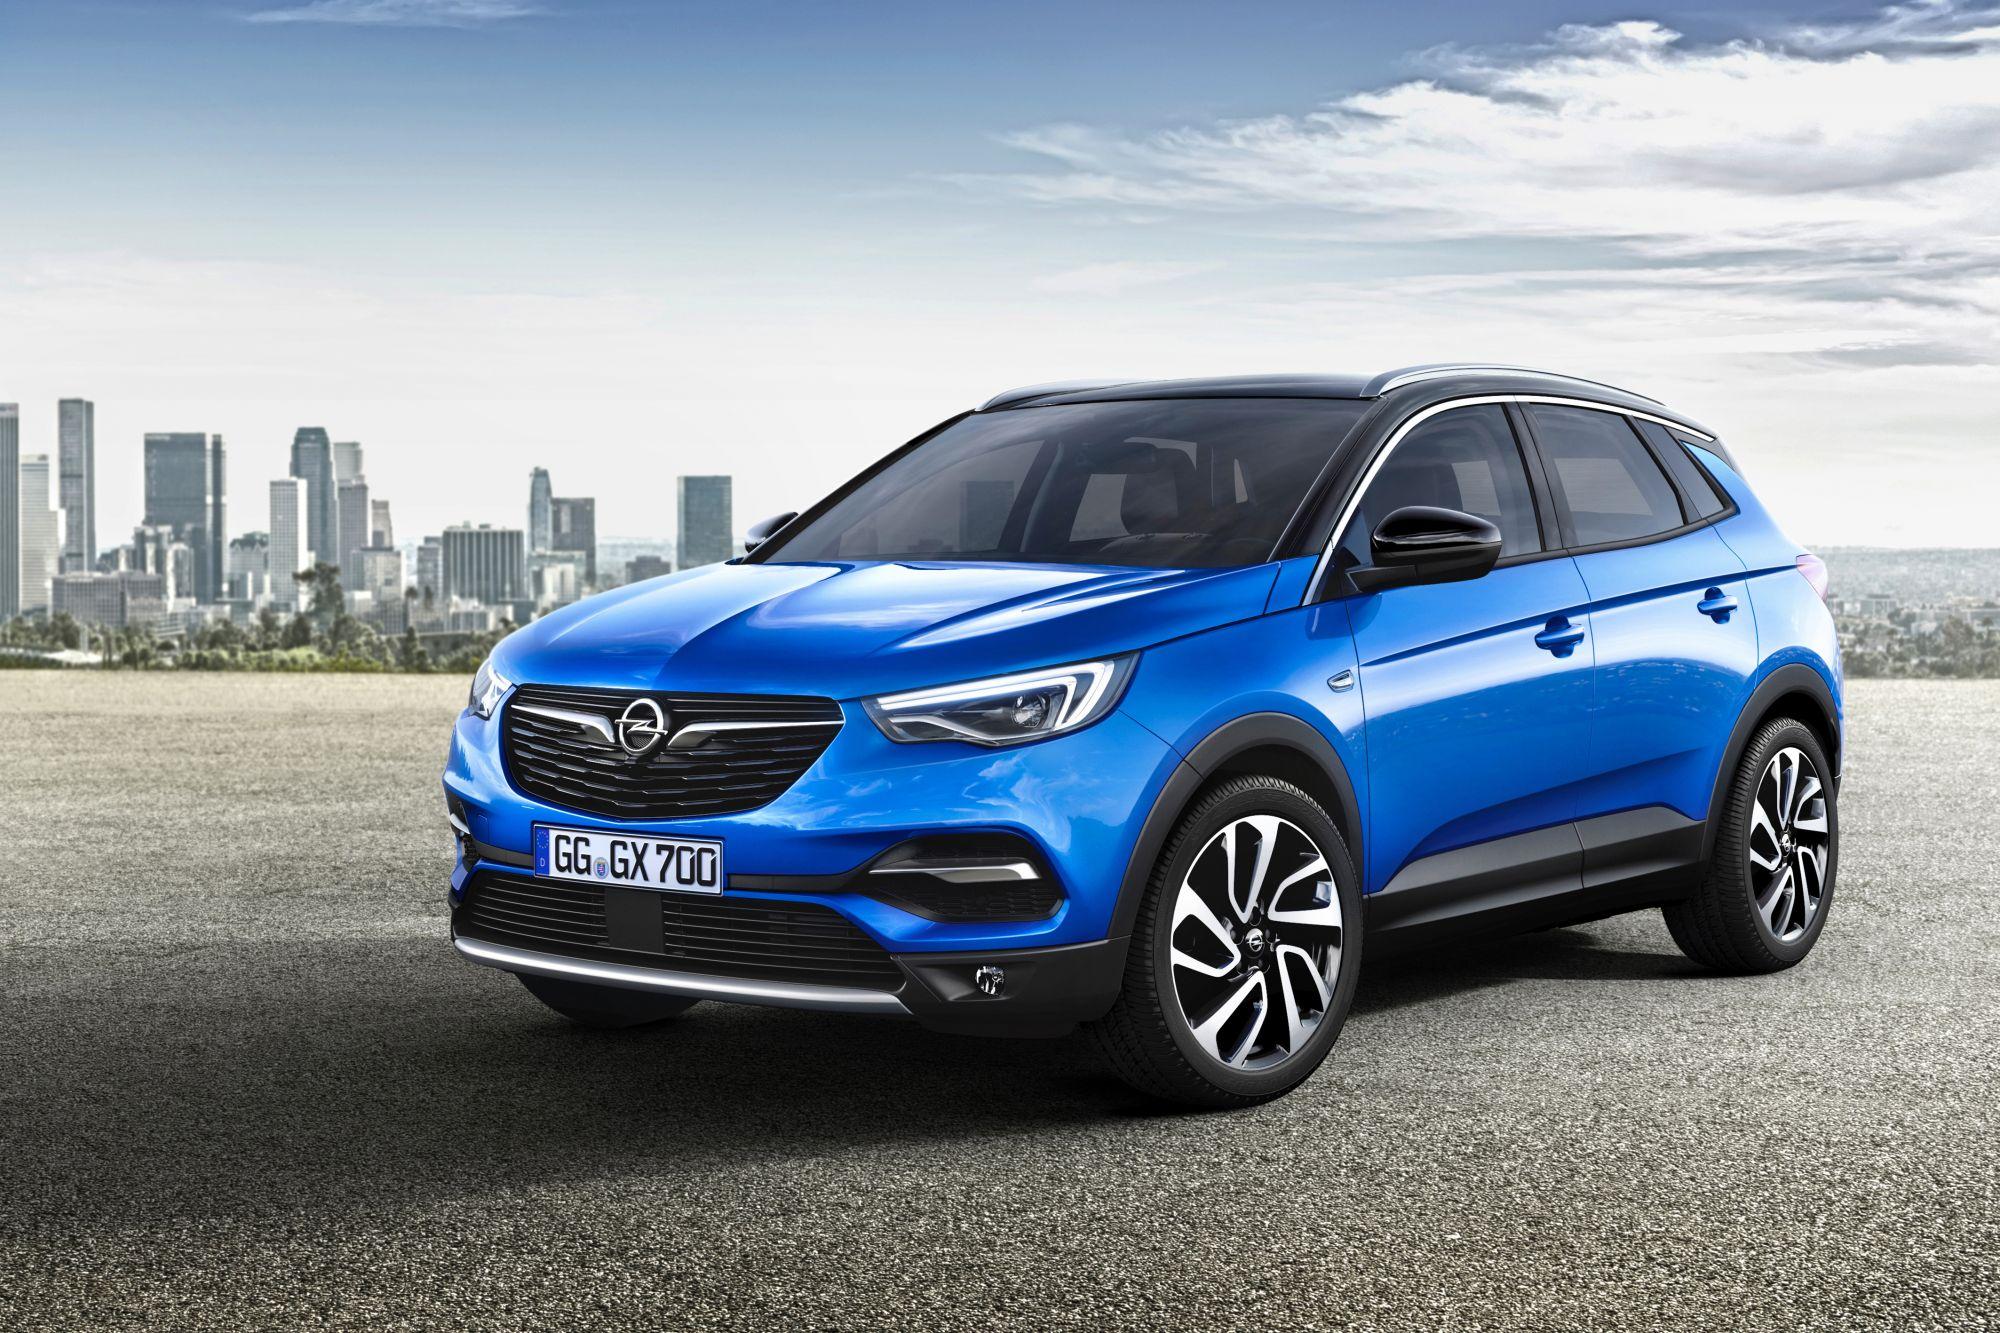 Opel Grandland X ergänzt im Herbst die SUV-Palette